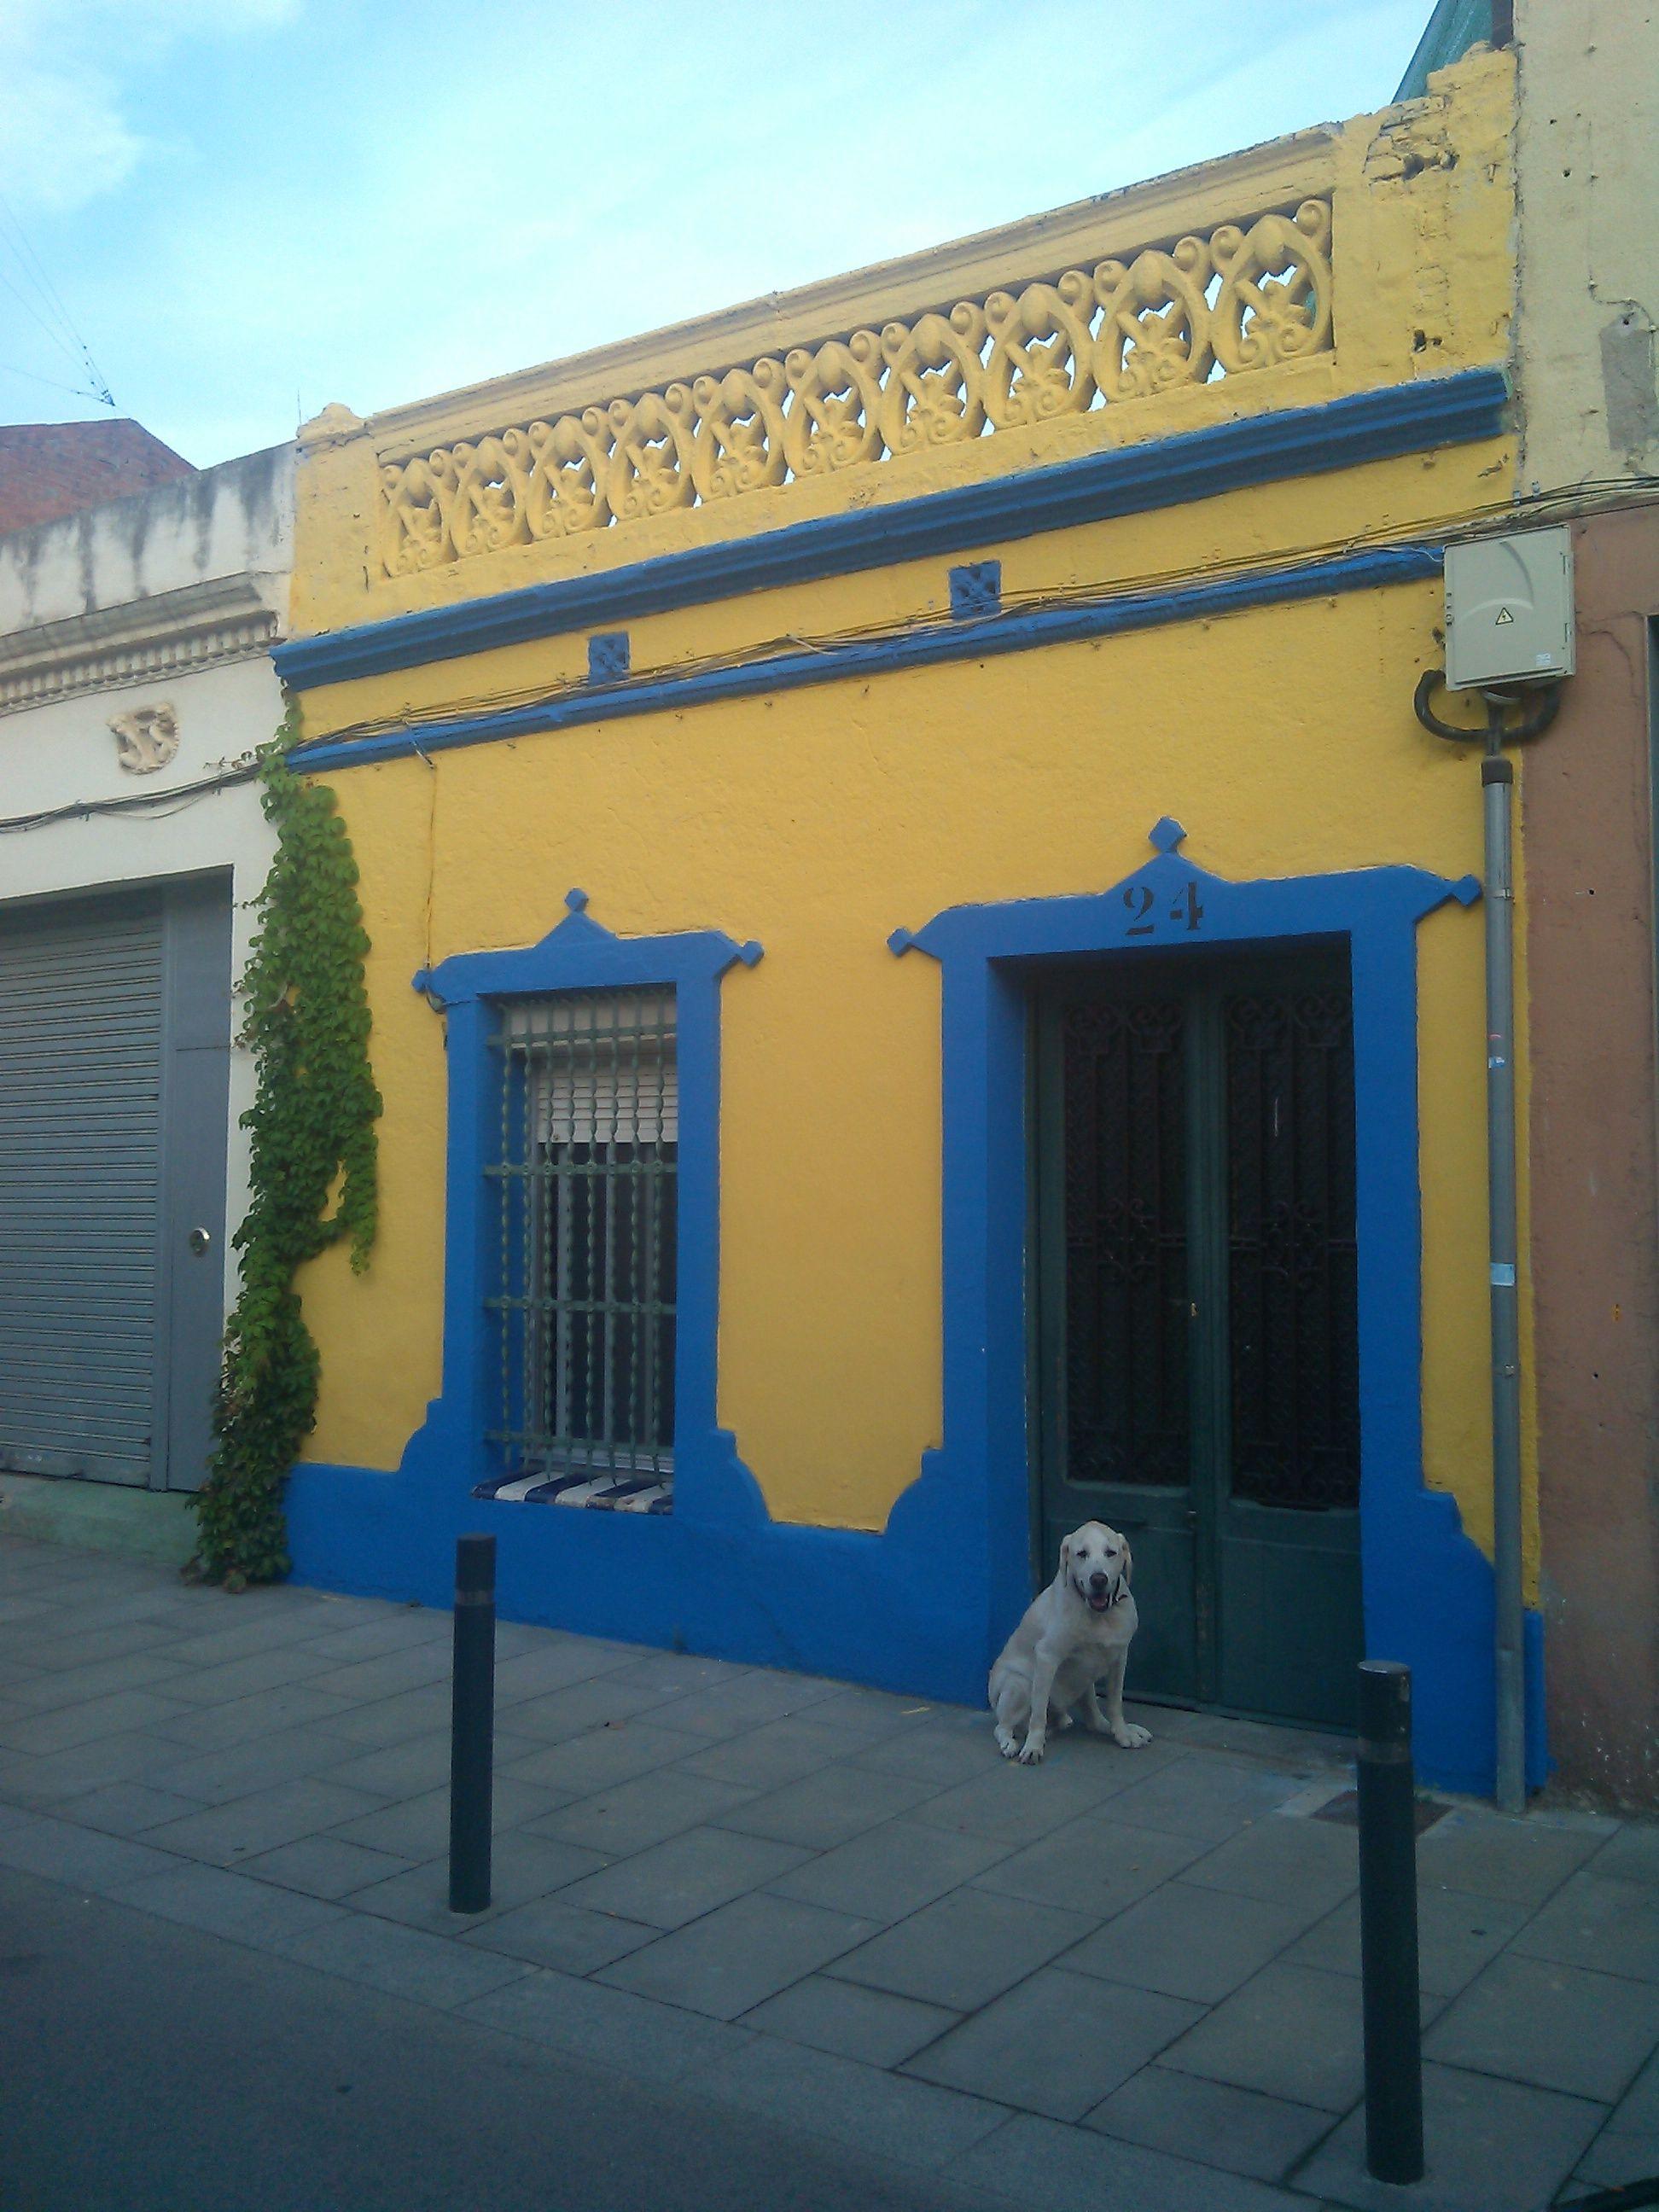 Pet Sitters Barcelona; Casa - Residencia Canina Familiar en Barcelona; Somos una familia amantes de los animales contacto a  http://residenciacaninafamiliar.blogspot.com.es/2014/02/residencia-canina-familiar-en-barcelona.html